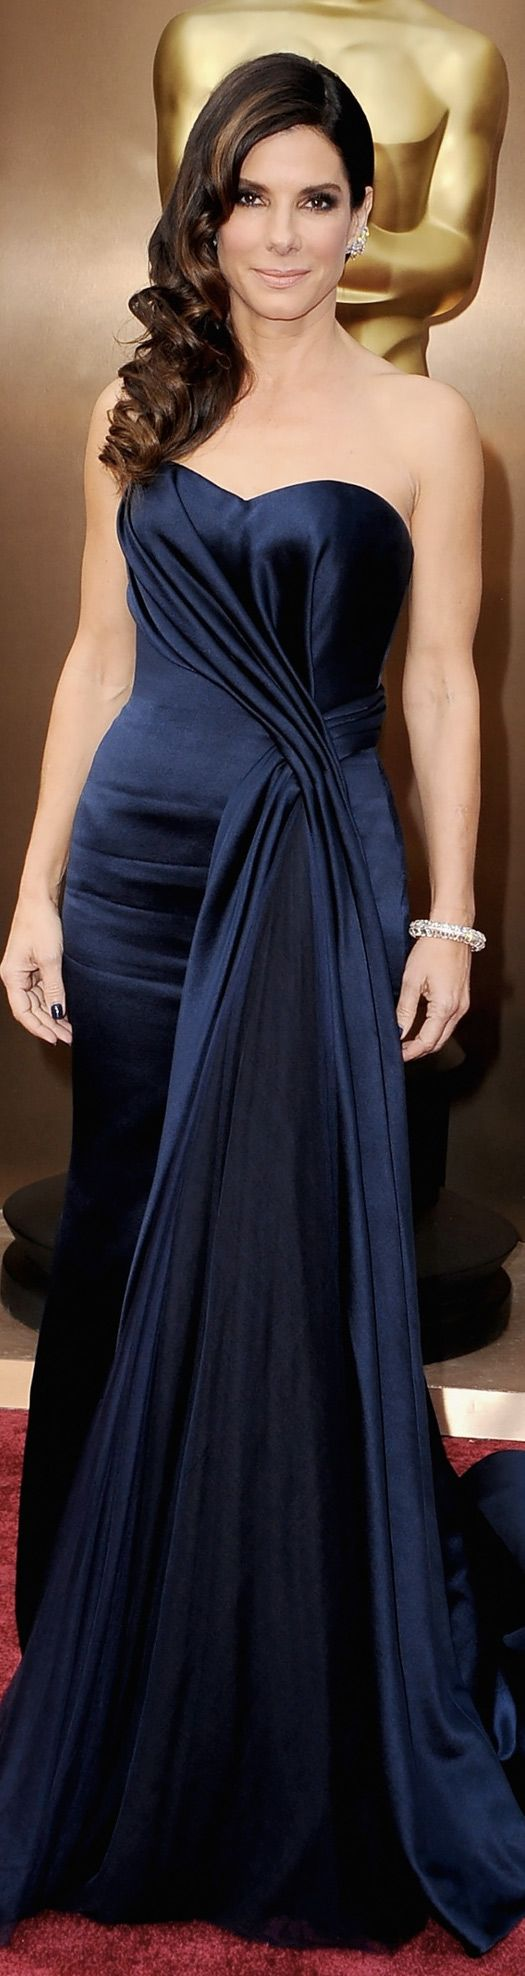 Ein Klassiker unter den Oscarfrisuren wurde es dieses Jahr für Sandra Bullock - große luxeriöse Locken zur Seite gelegt. #Oscars2014